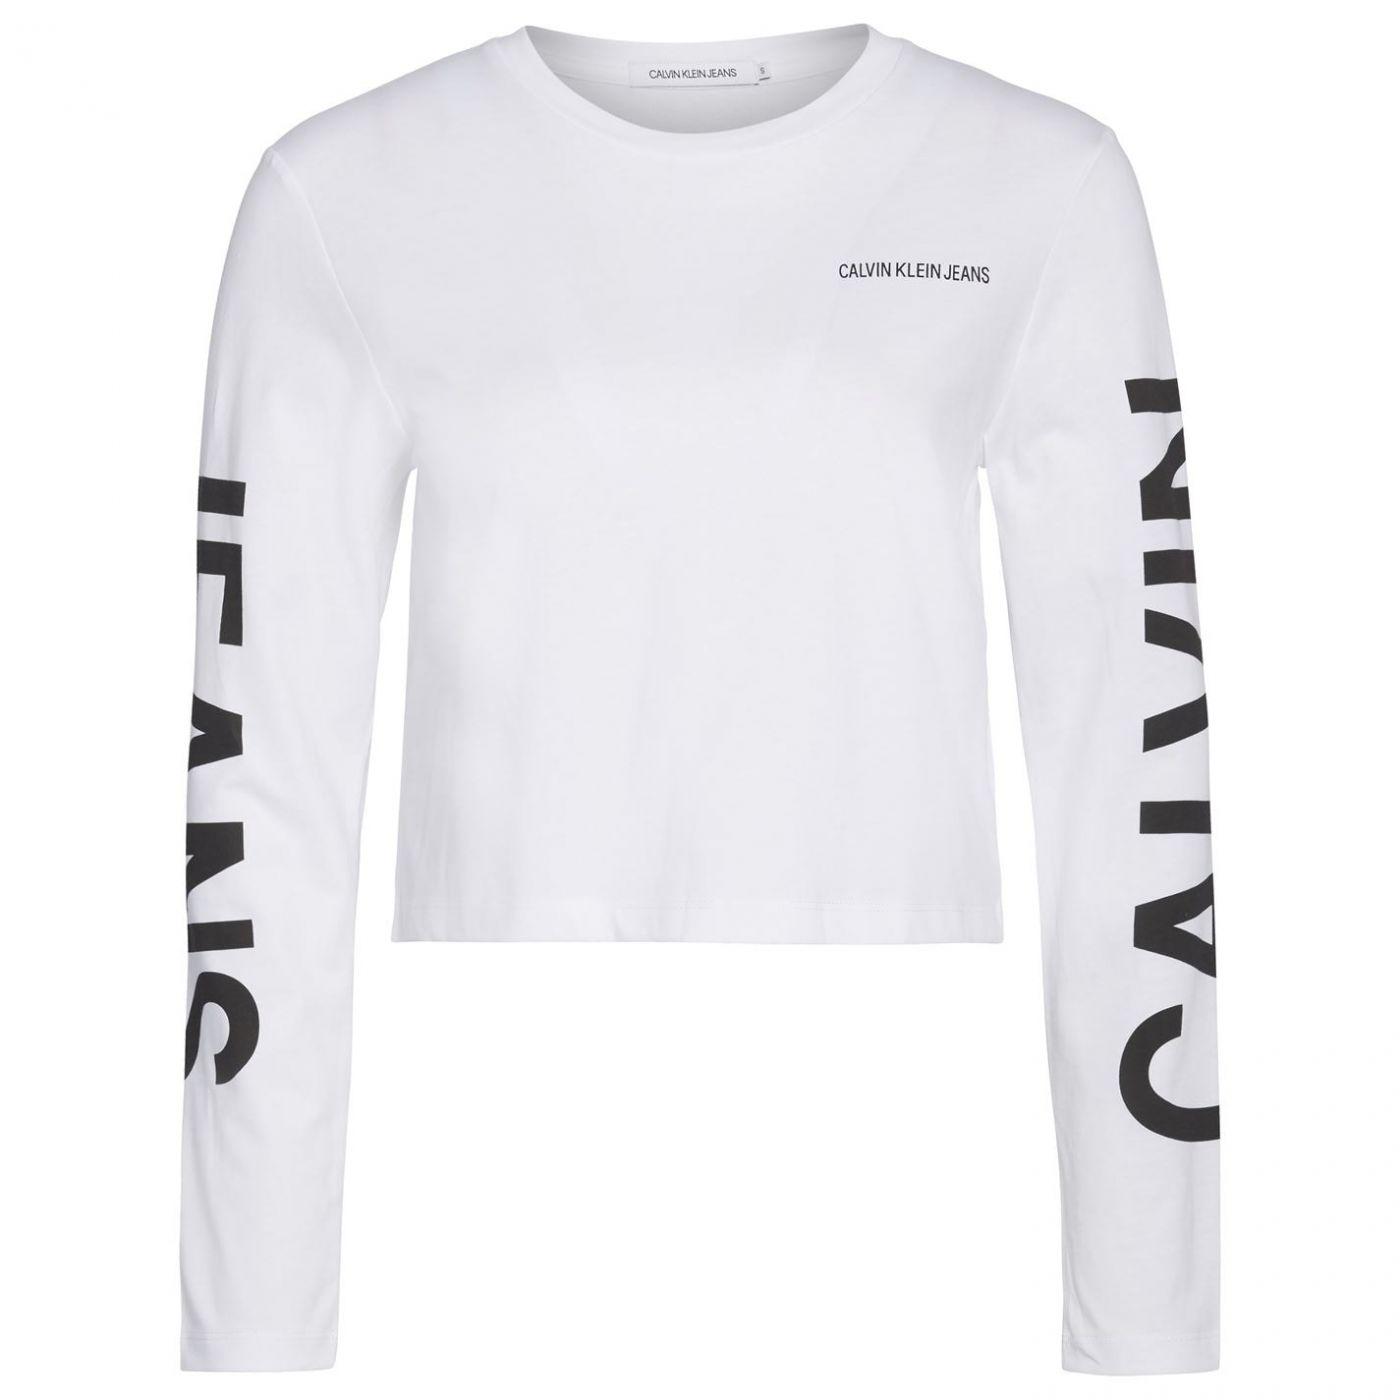 Calvin Klein Jeans Institutional Back Logo Long Sleeve T Shirt